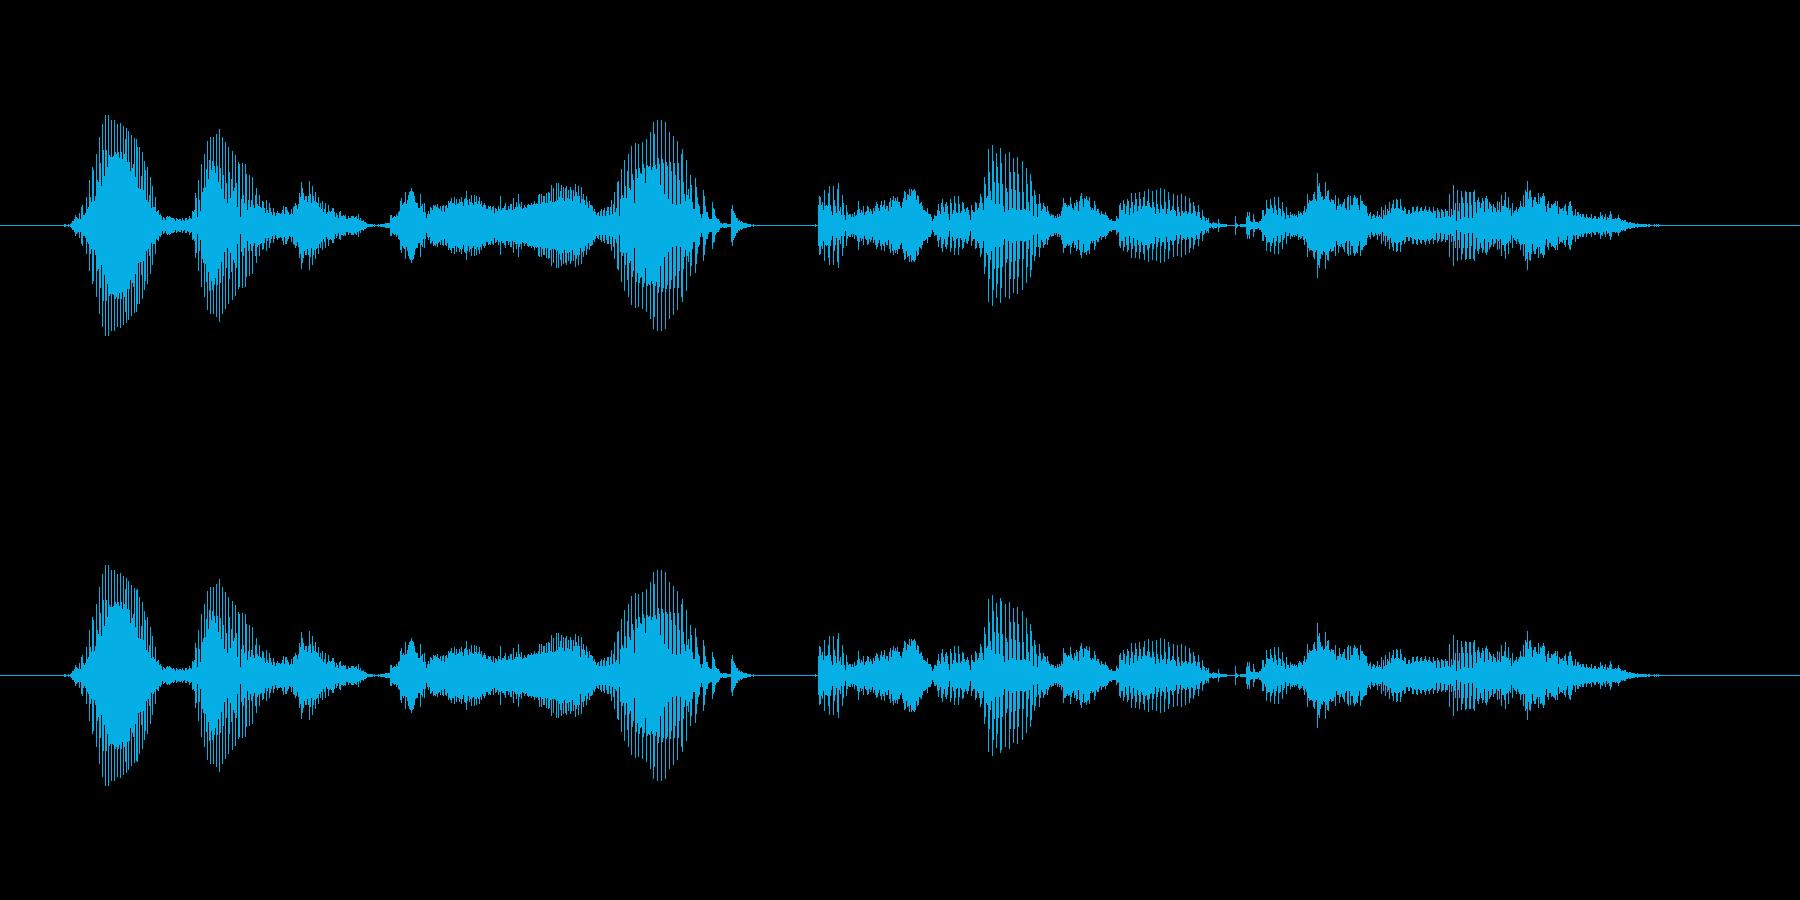 【時報・時間】午後7時を、お知らせいた…の再生済みの波形